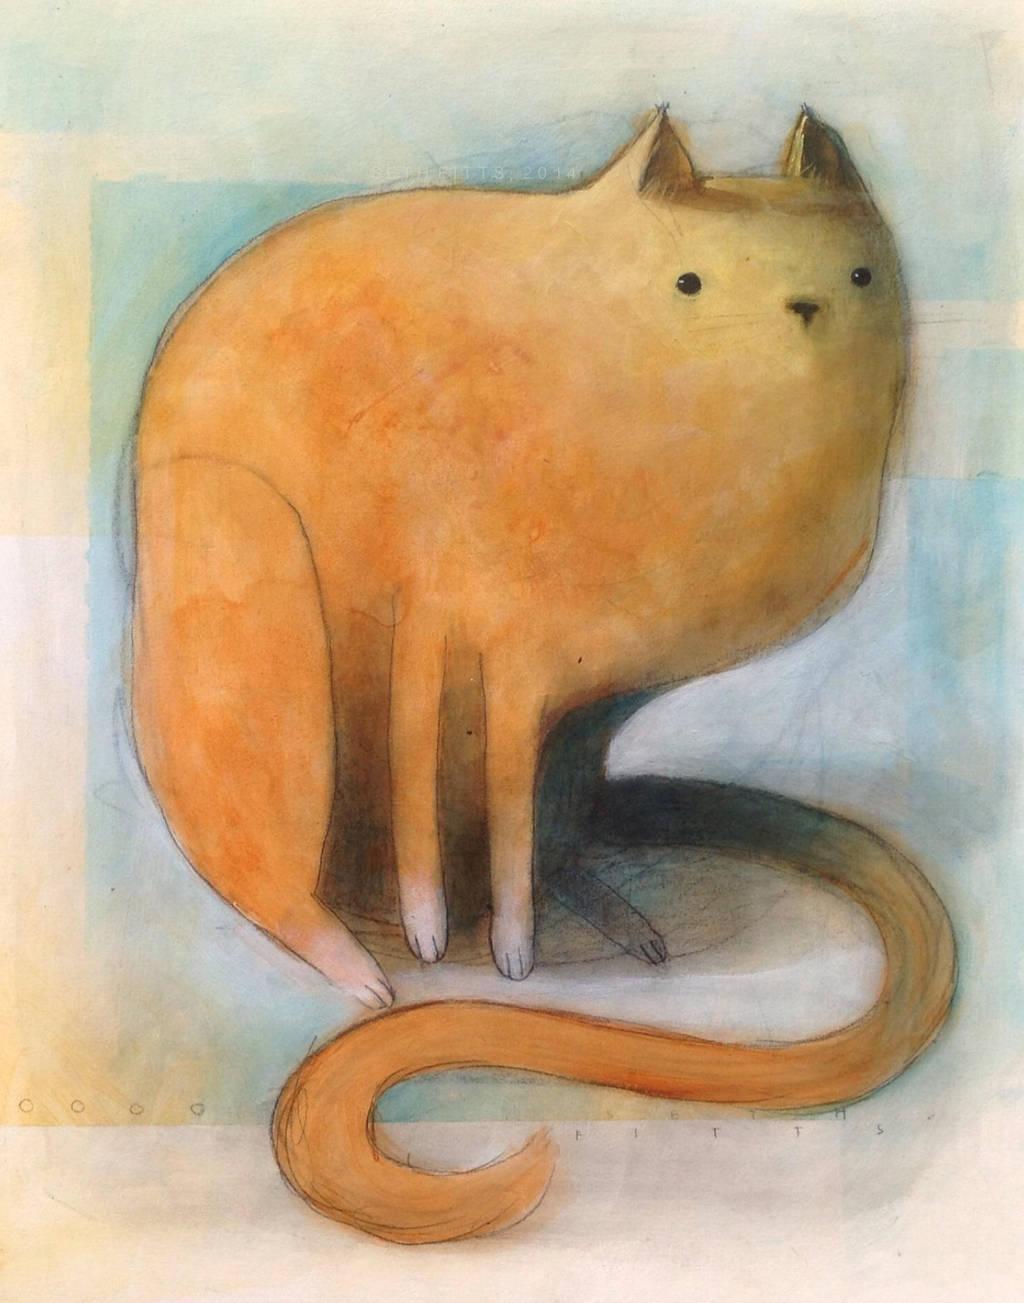 Orange Cat Sitting by SethFitts